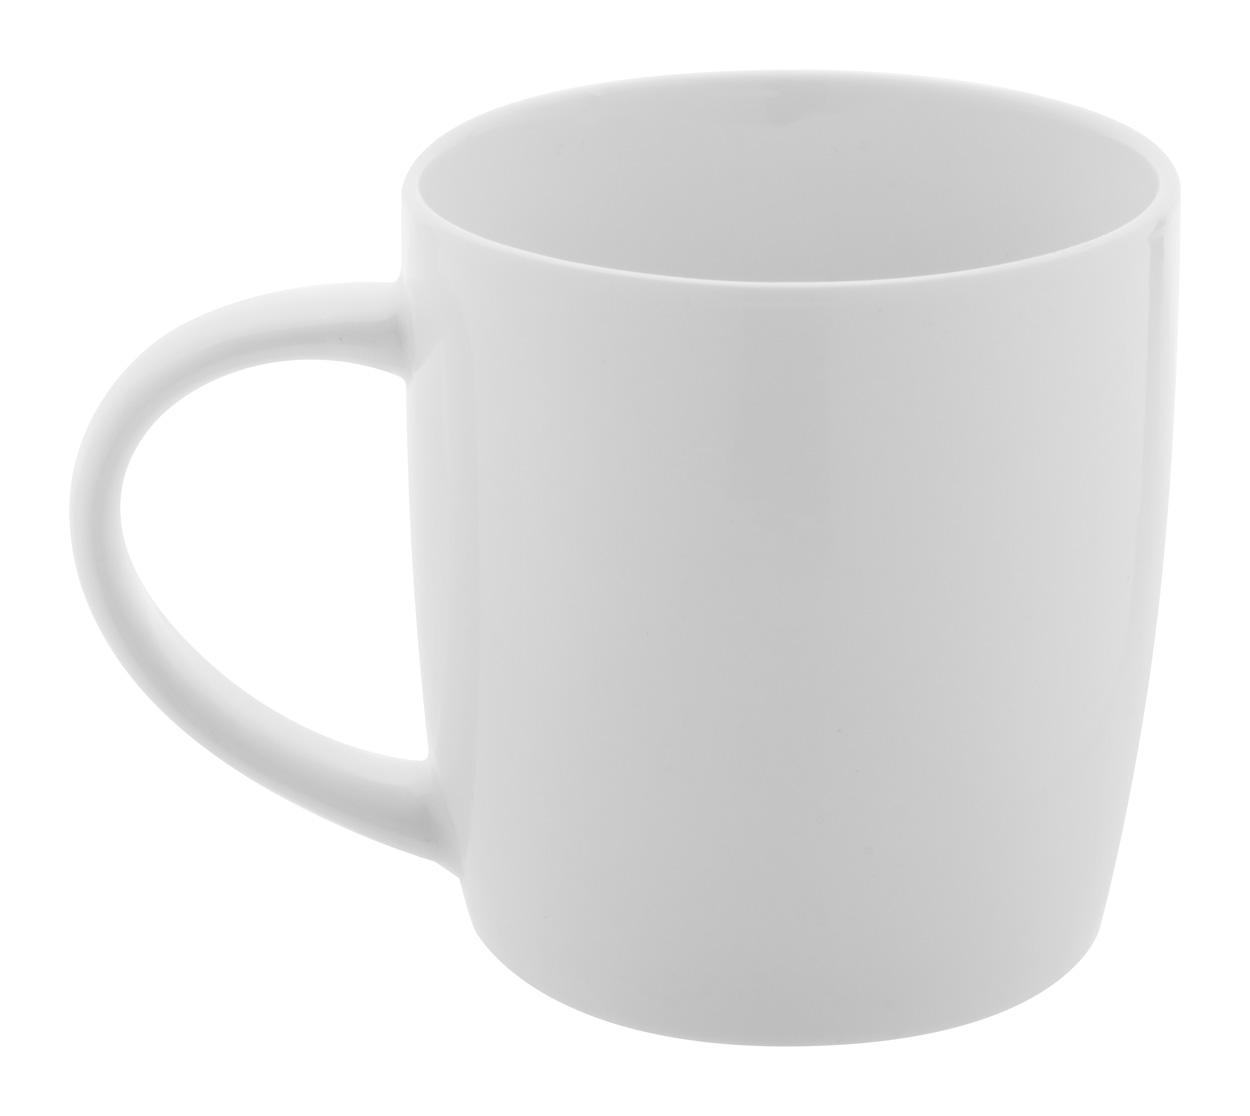 Thena tazza di porcellana